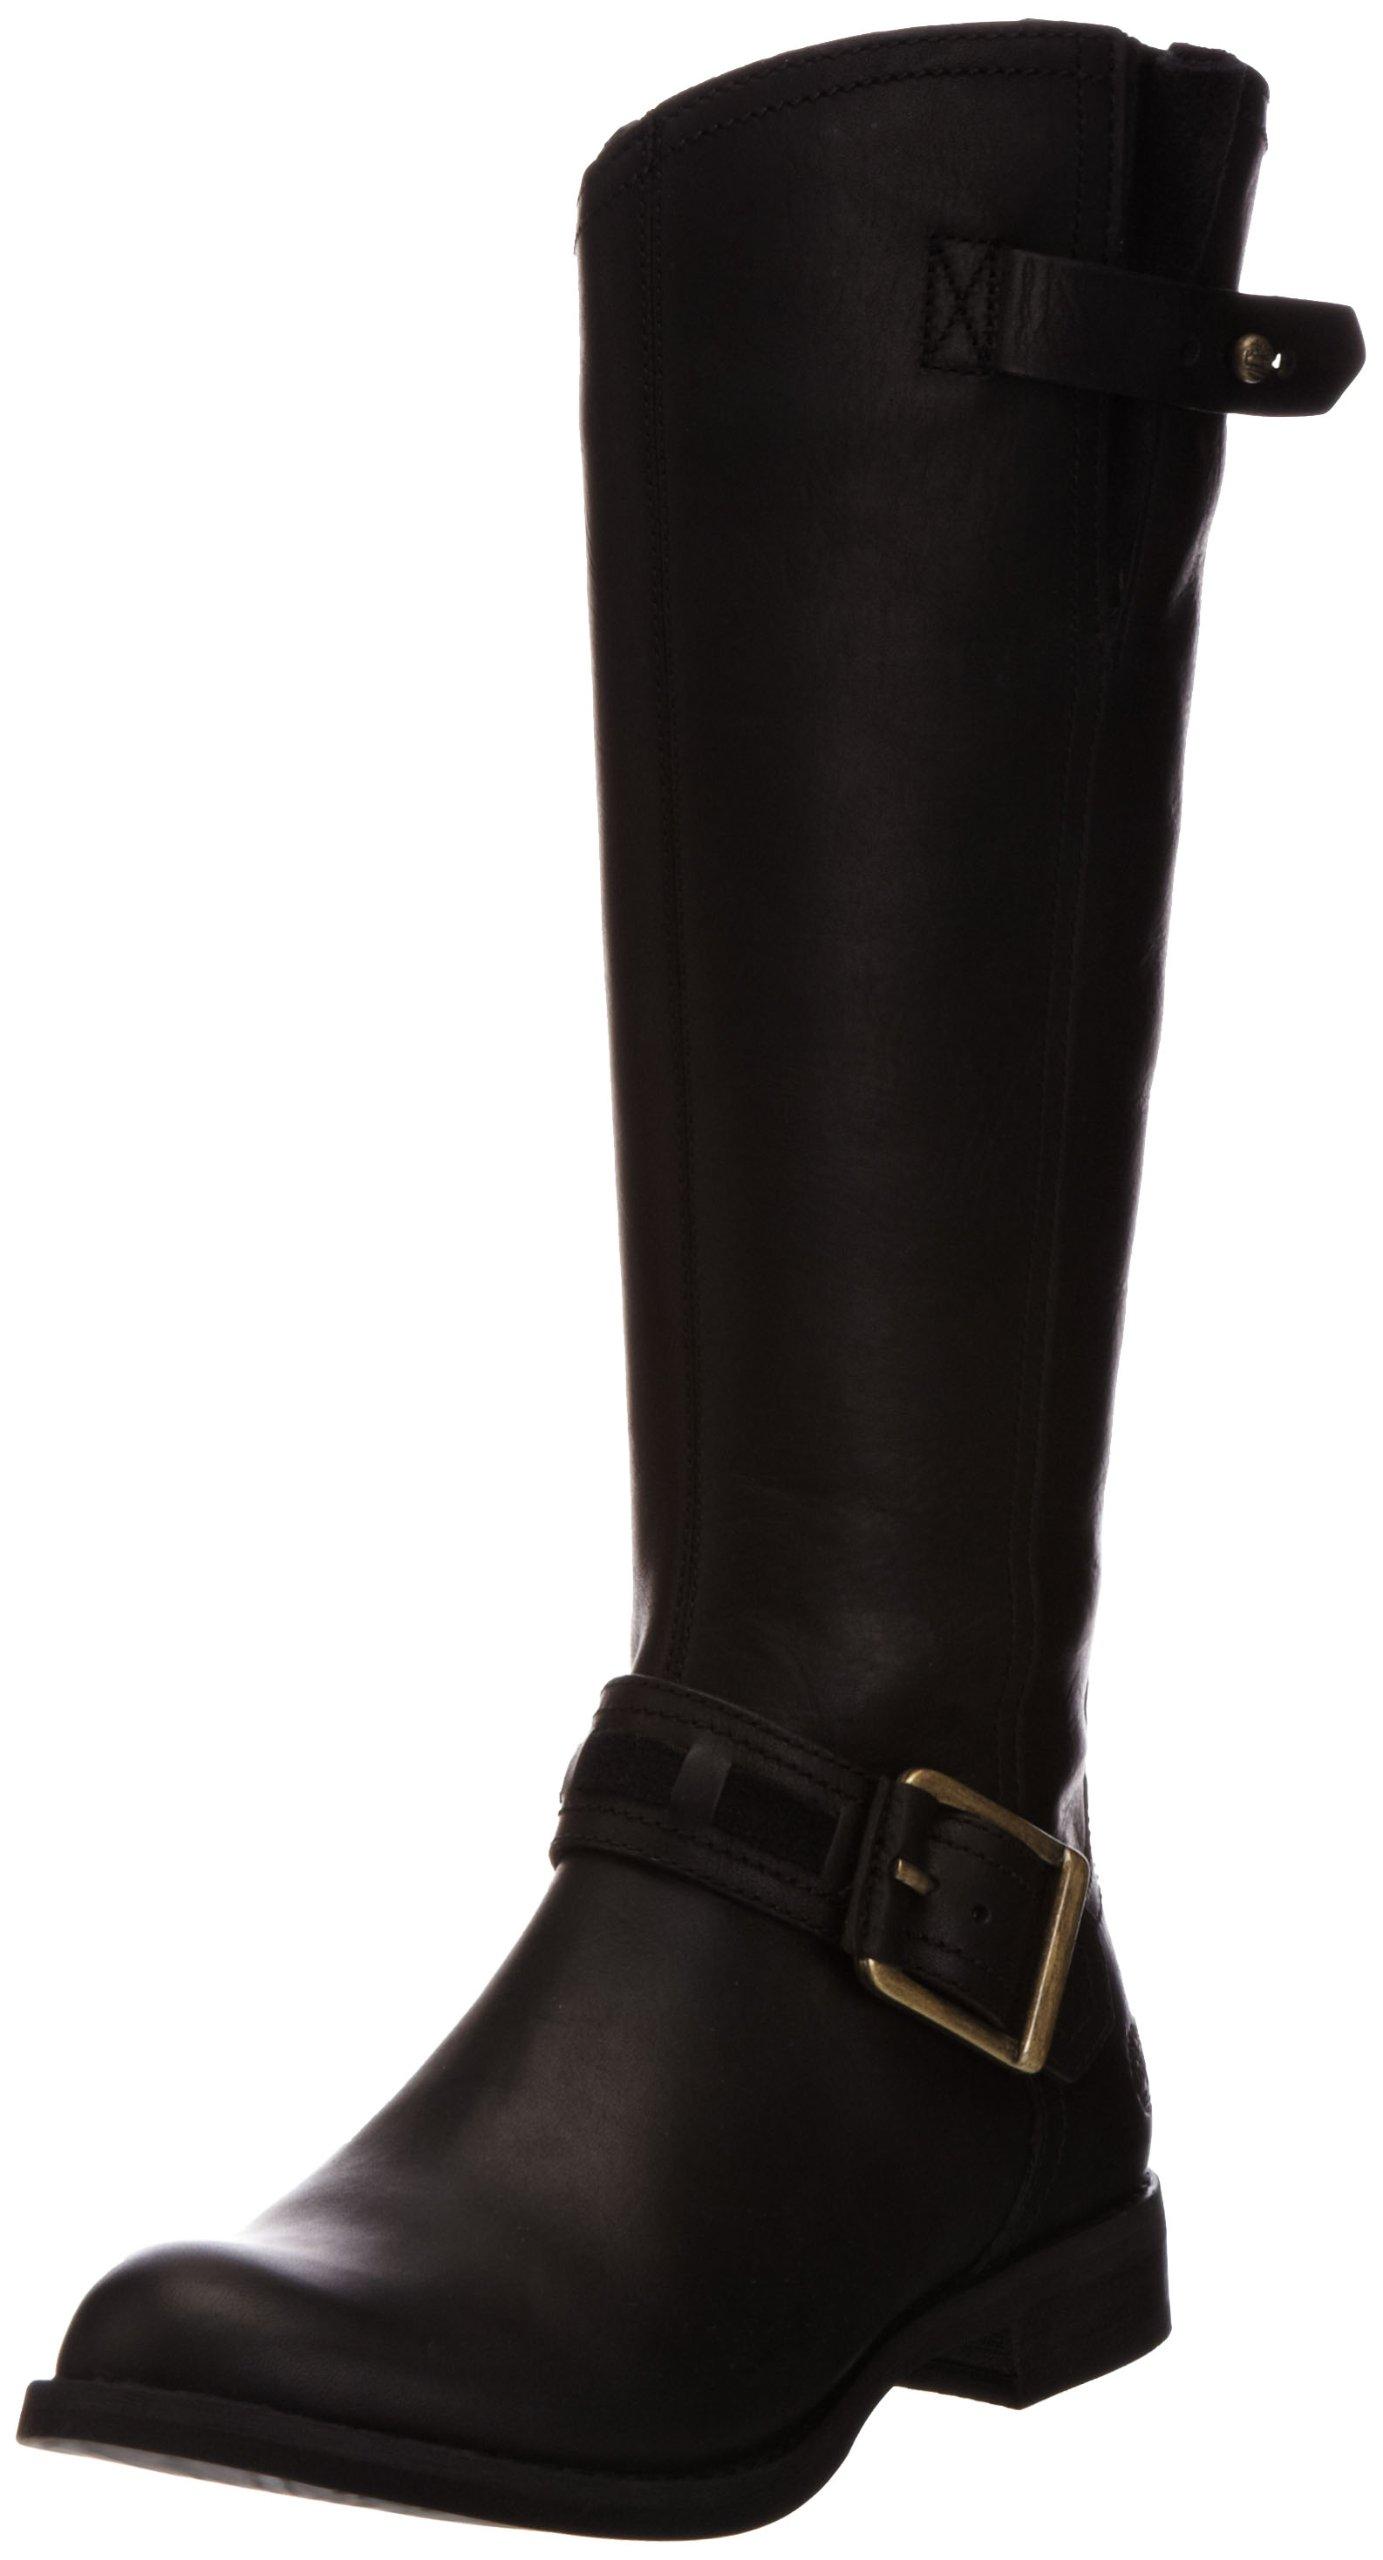 Timberland Women's Savin Hill Tall Boot,Black,6.5 M US